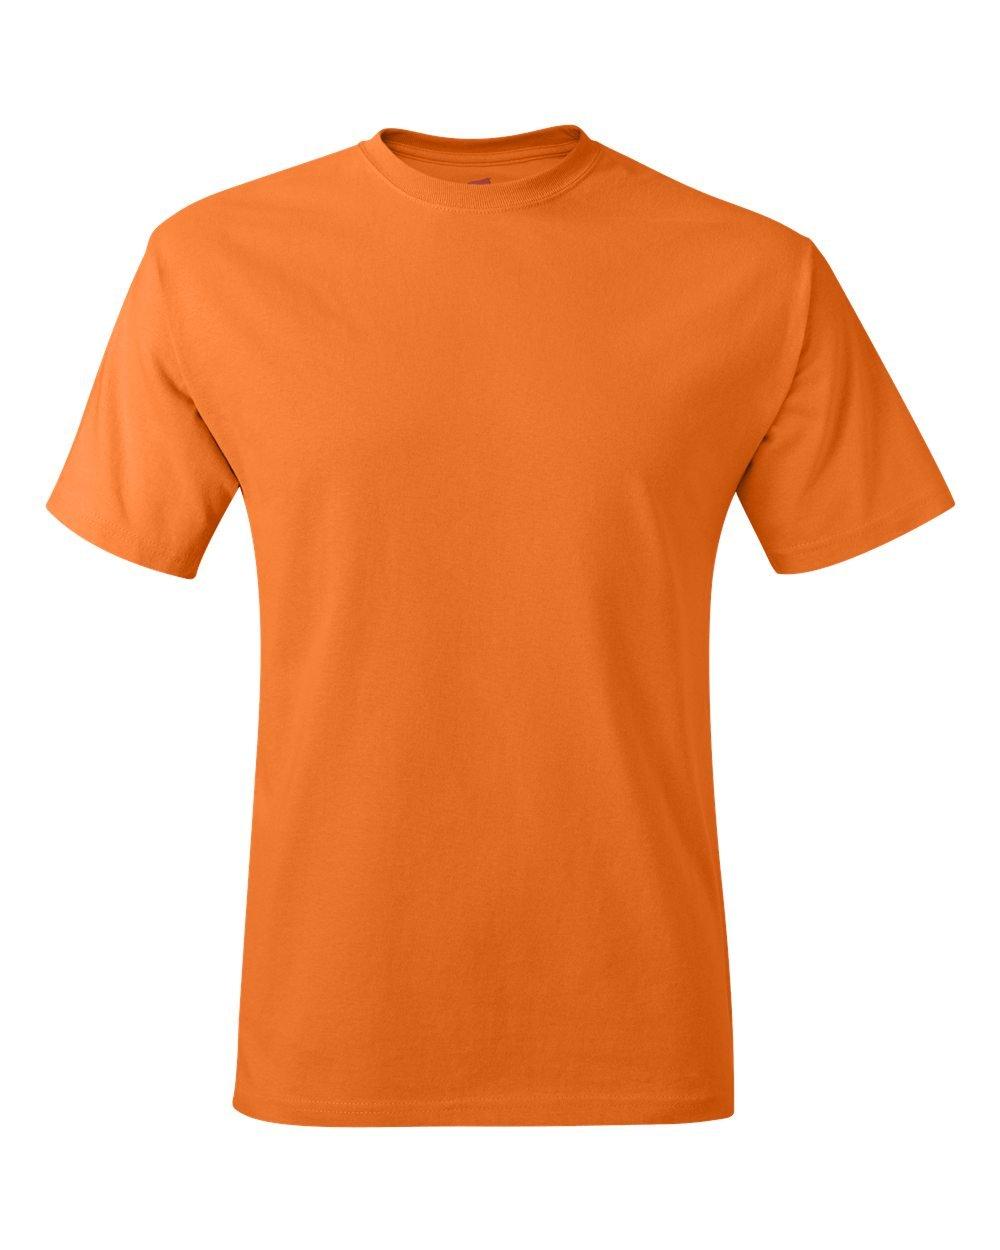 Athletic Orange 2XL Hanes Mens Tagless T-Shirt